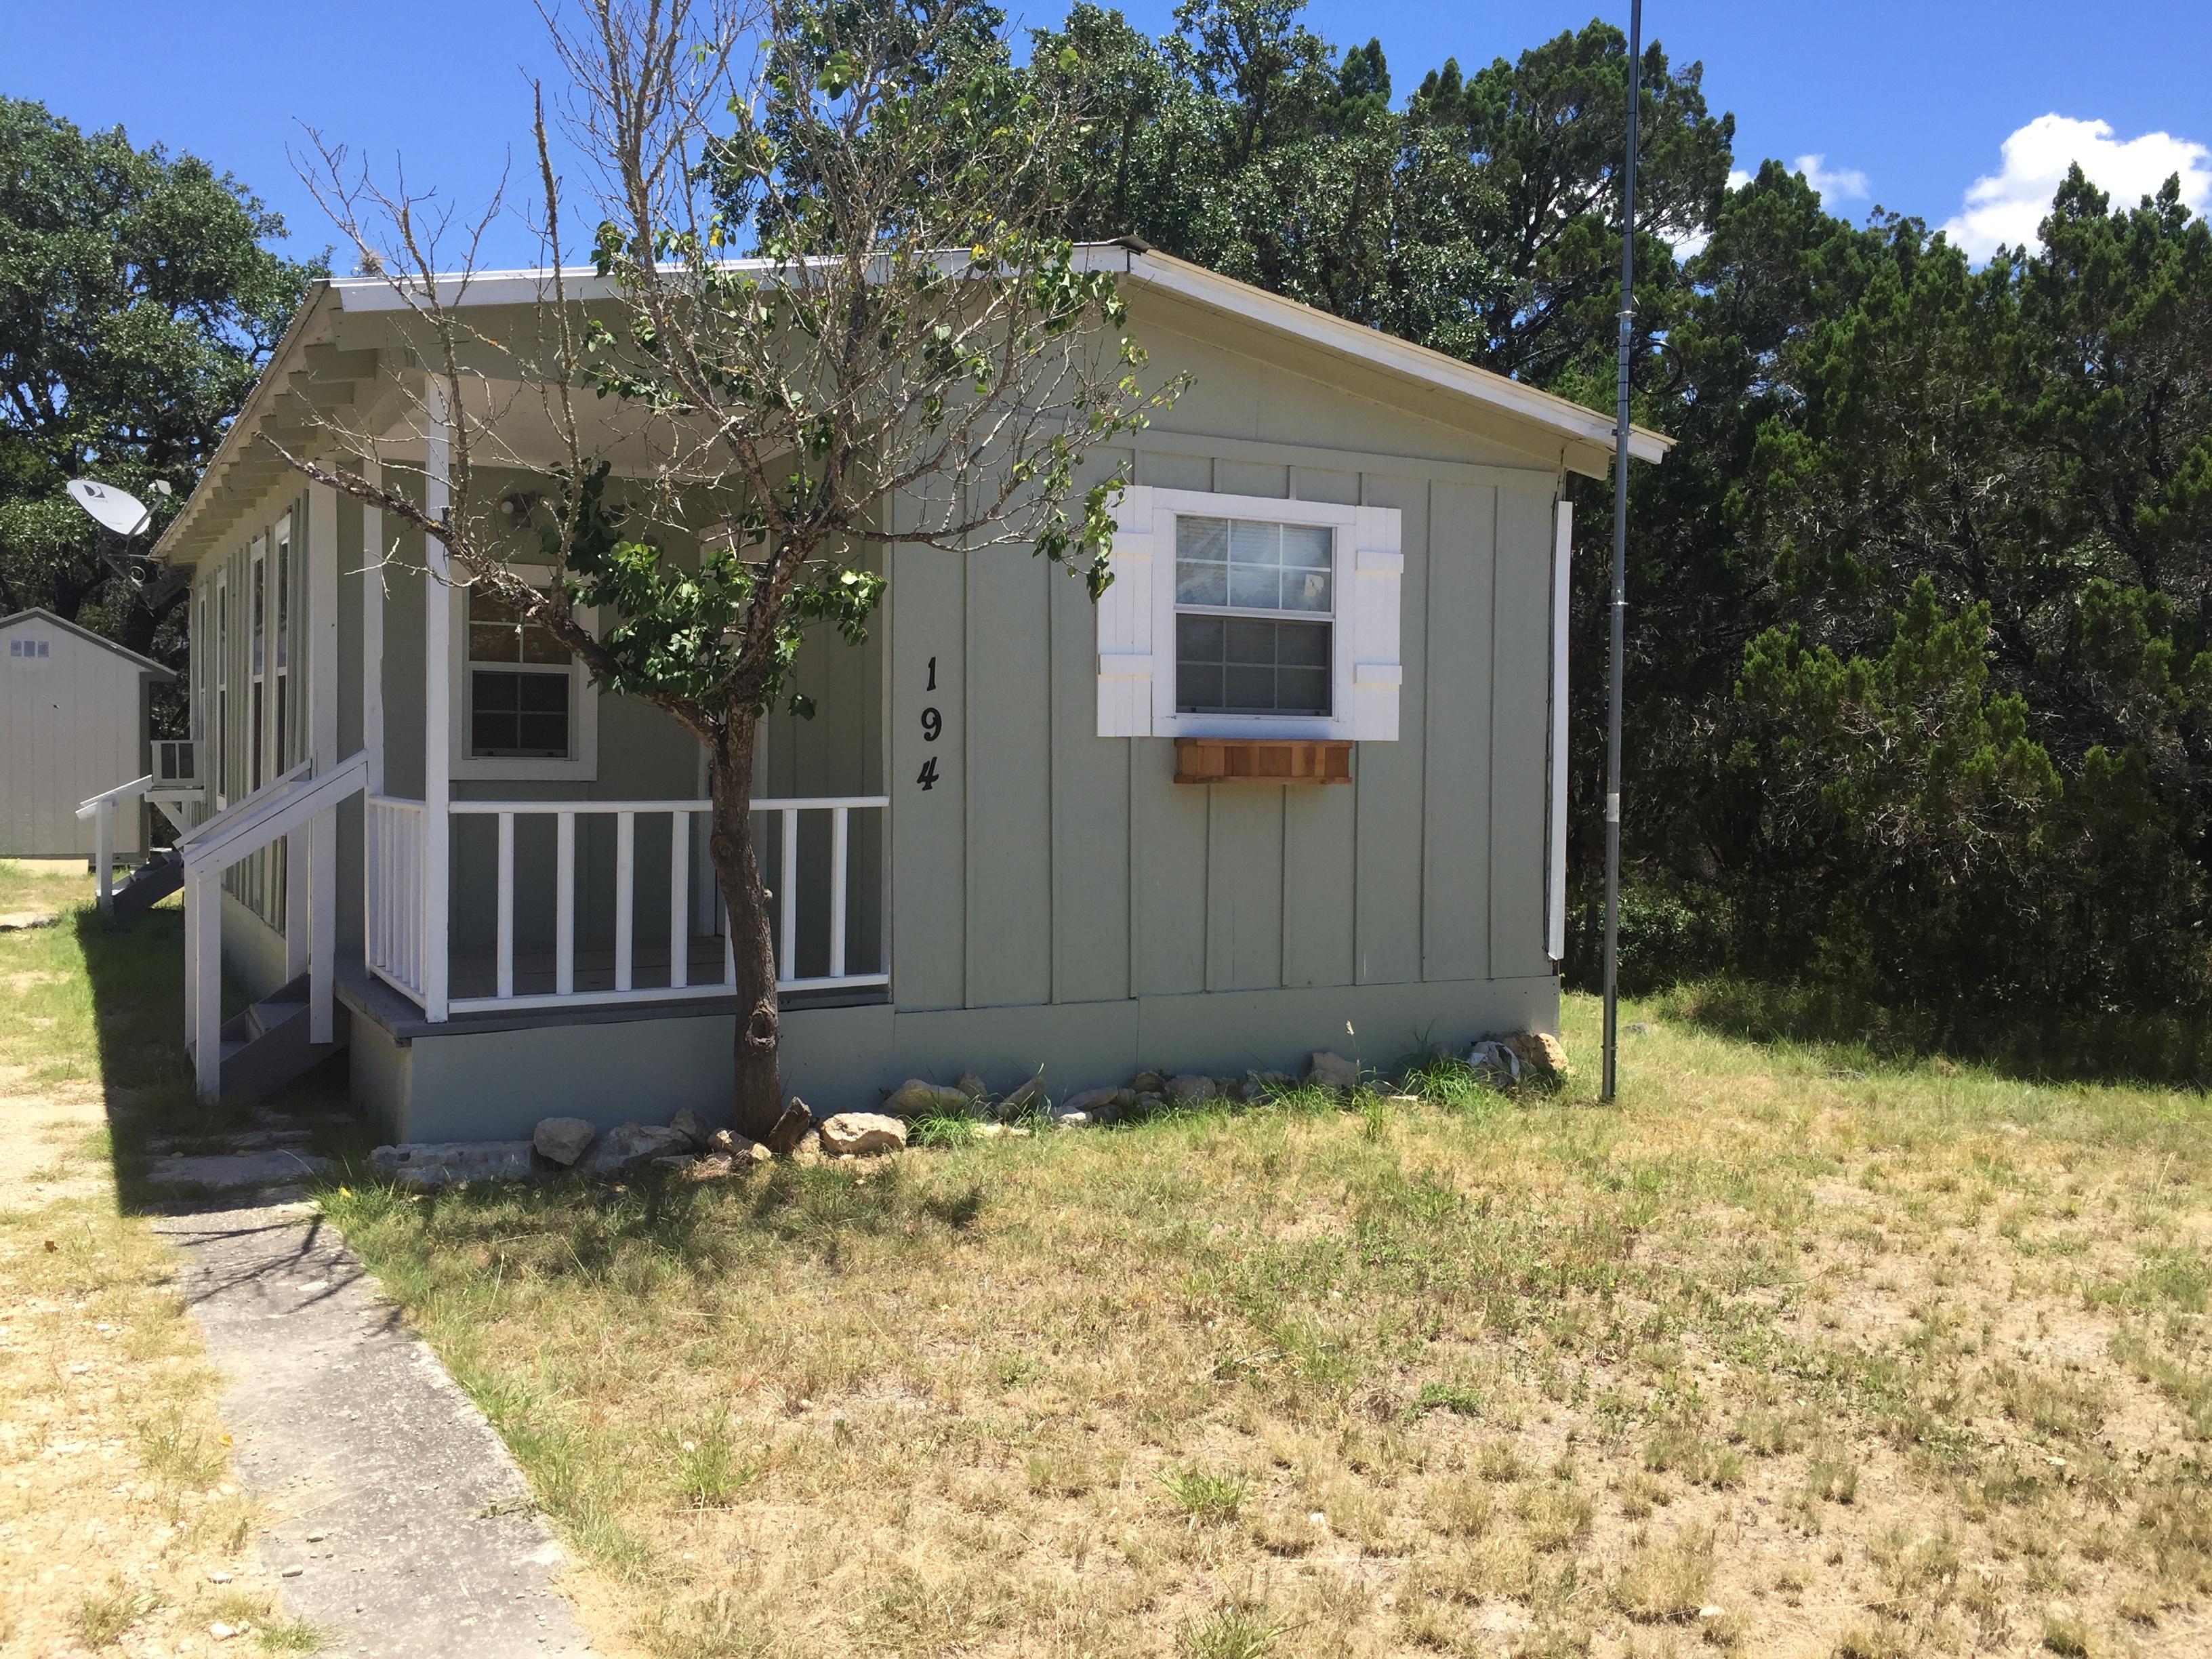 194 Wyatt Earp Dr, San Antonio, TX 78003